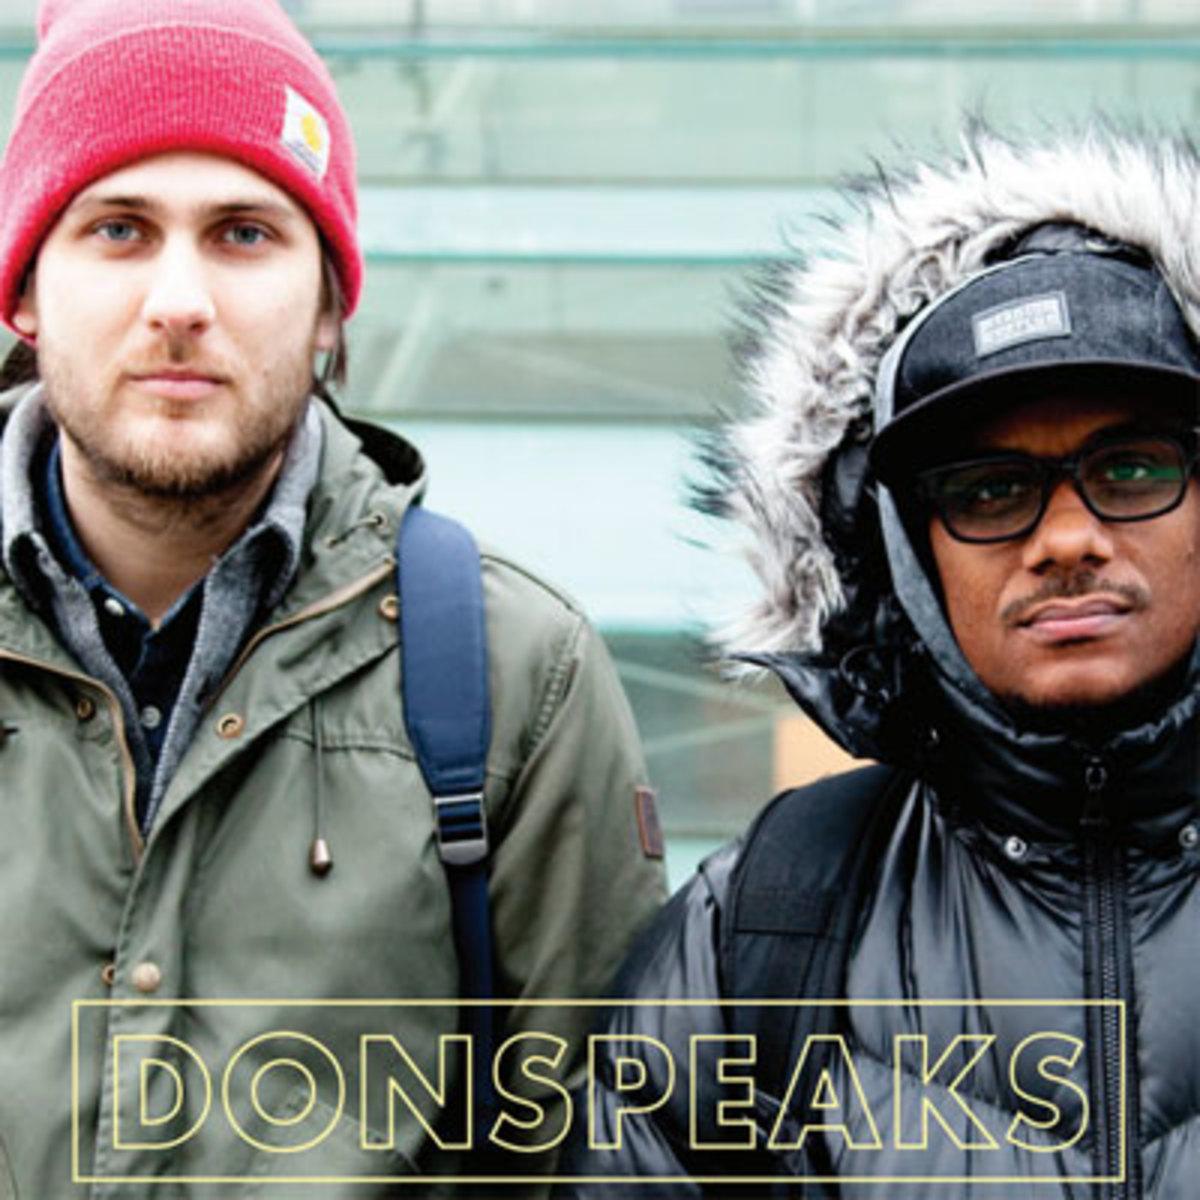 donspeaks.jpg